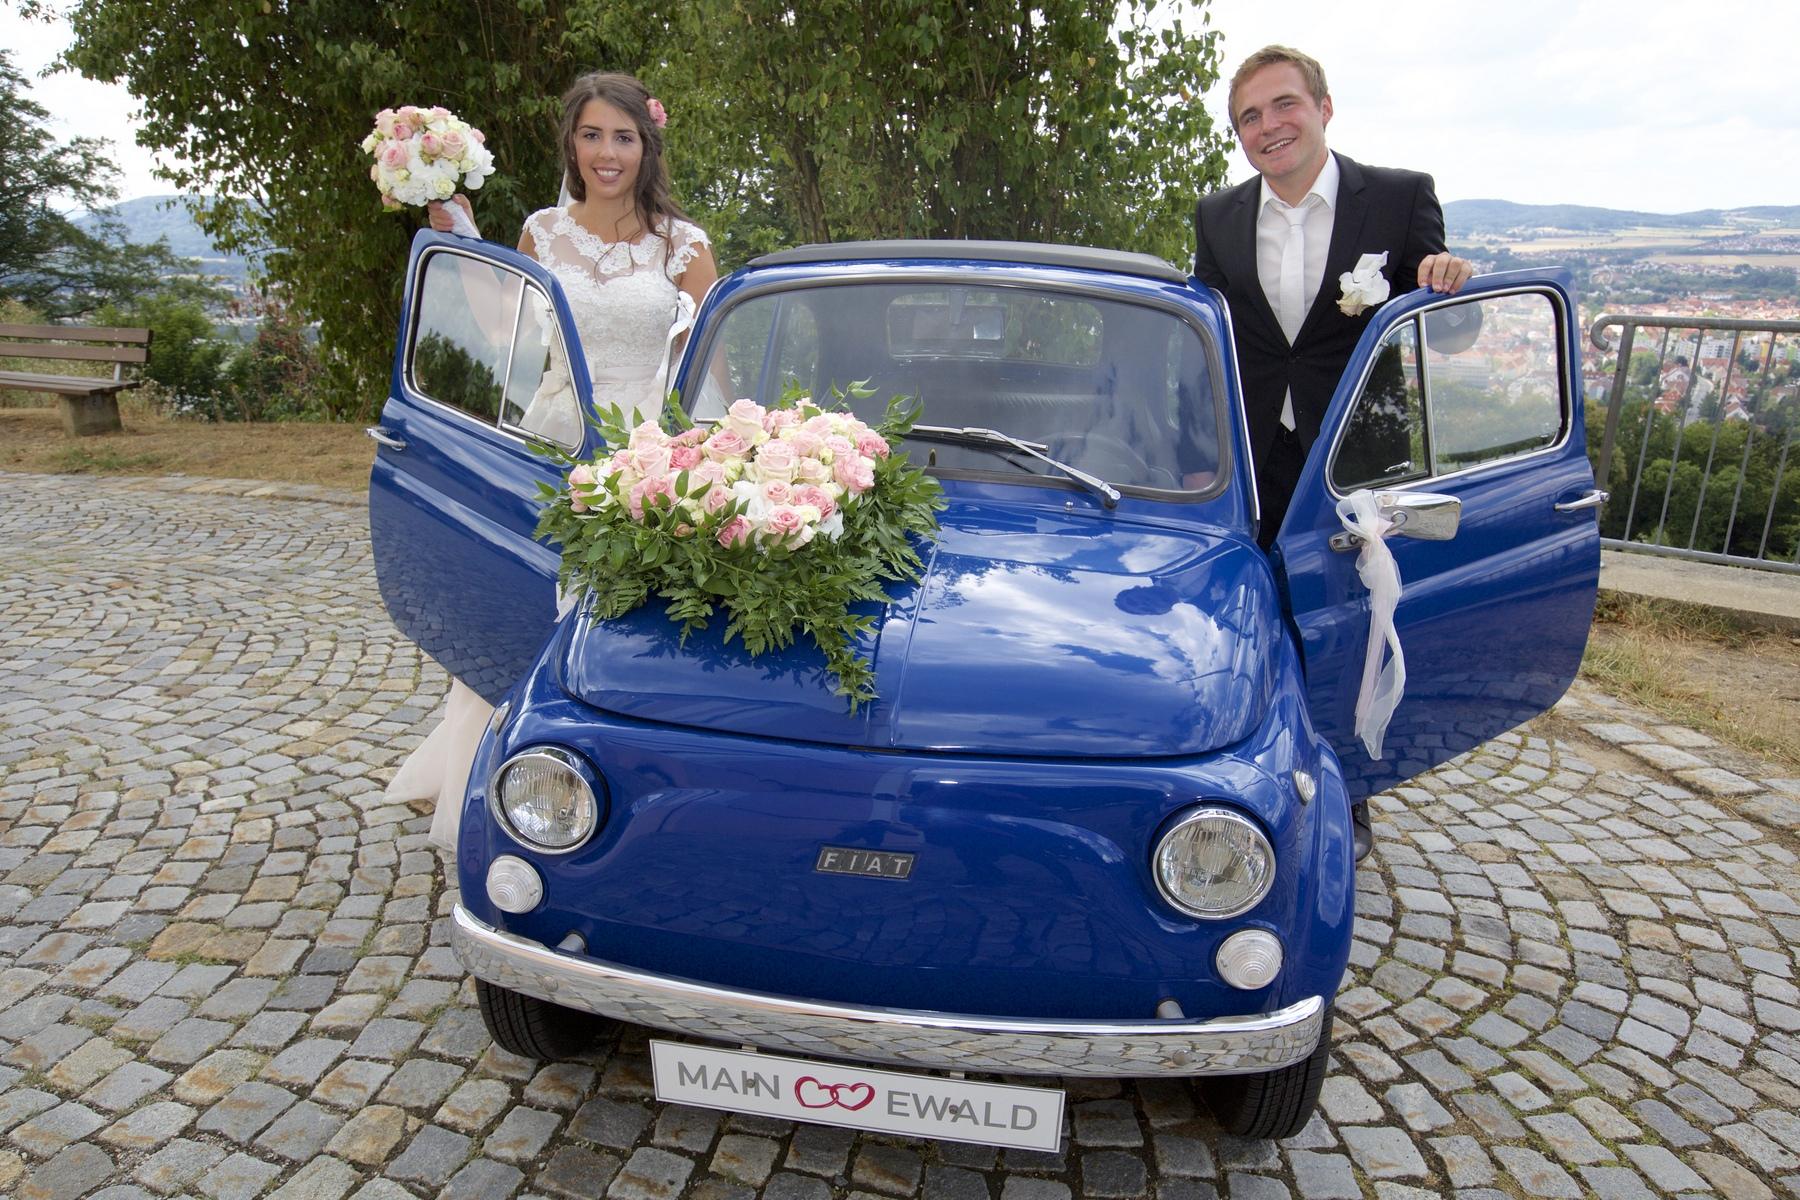 Neumarktaktuell Rauschendes Hochzeitsfest Gefeiert 19 08 2015